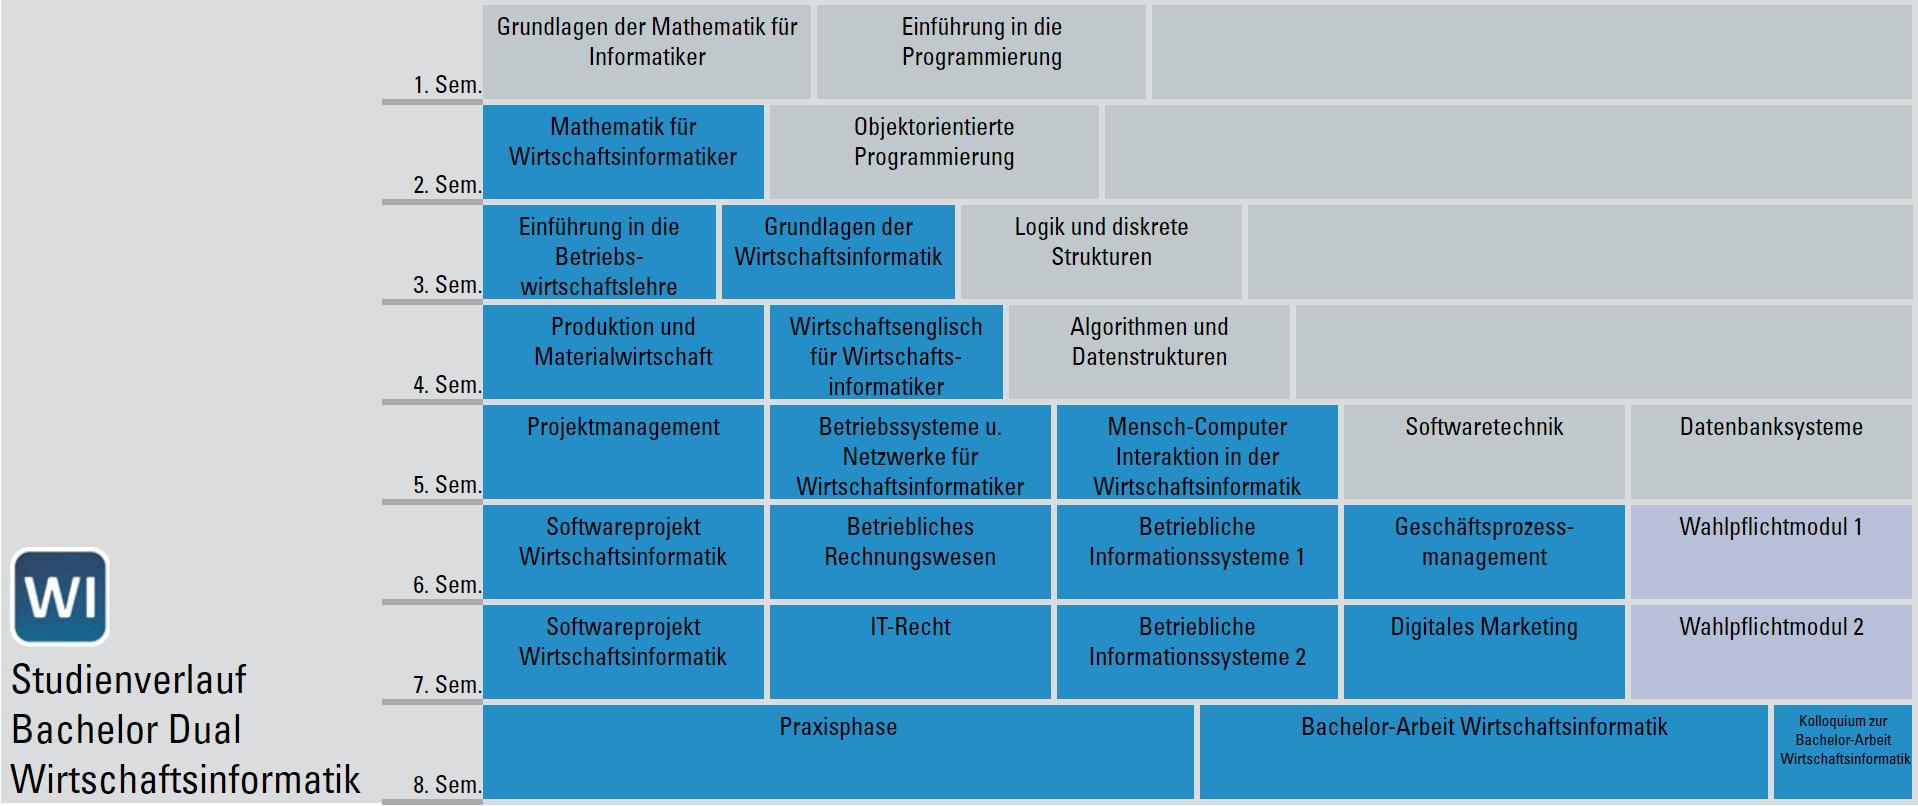 Studienverlaufsplan Bachelor Dual Wirtschaftsinformatik